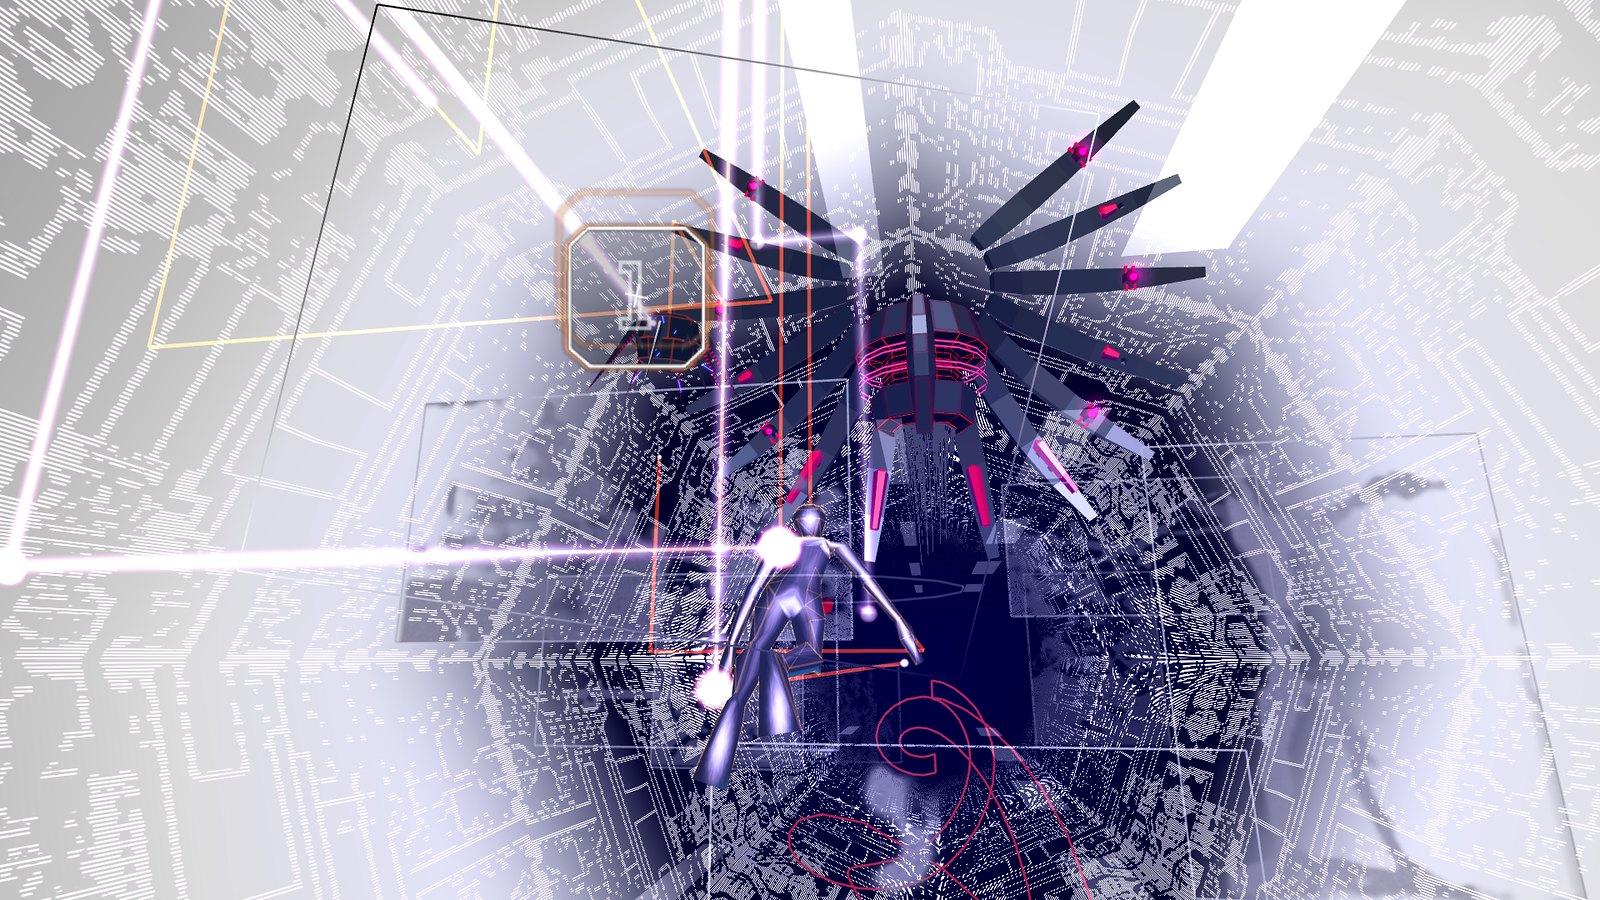 Rez Infinite, Image 12